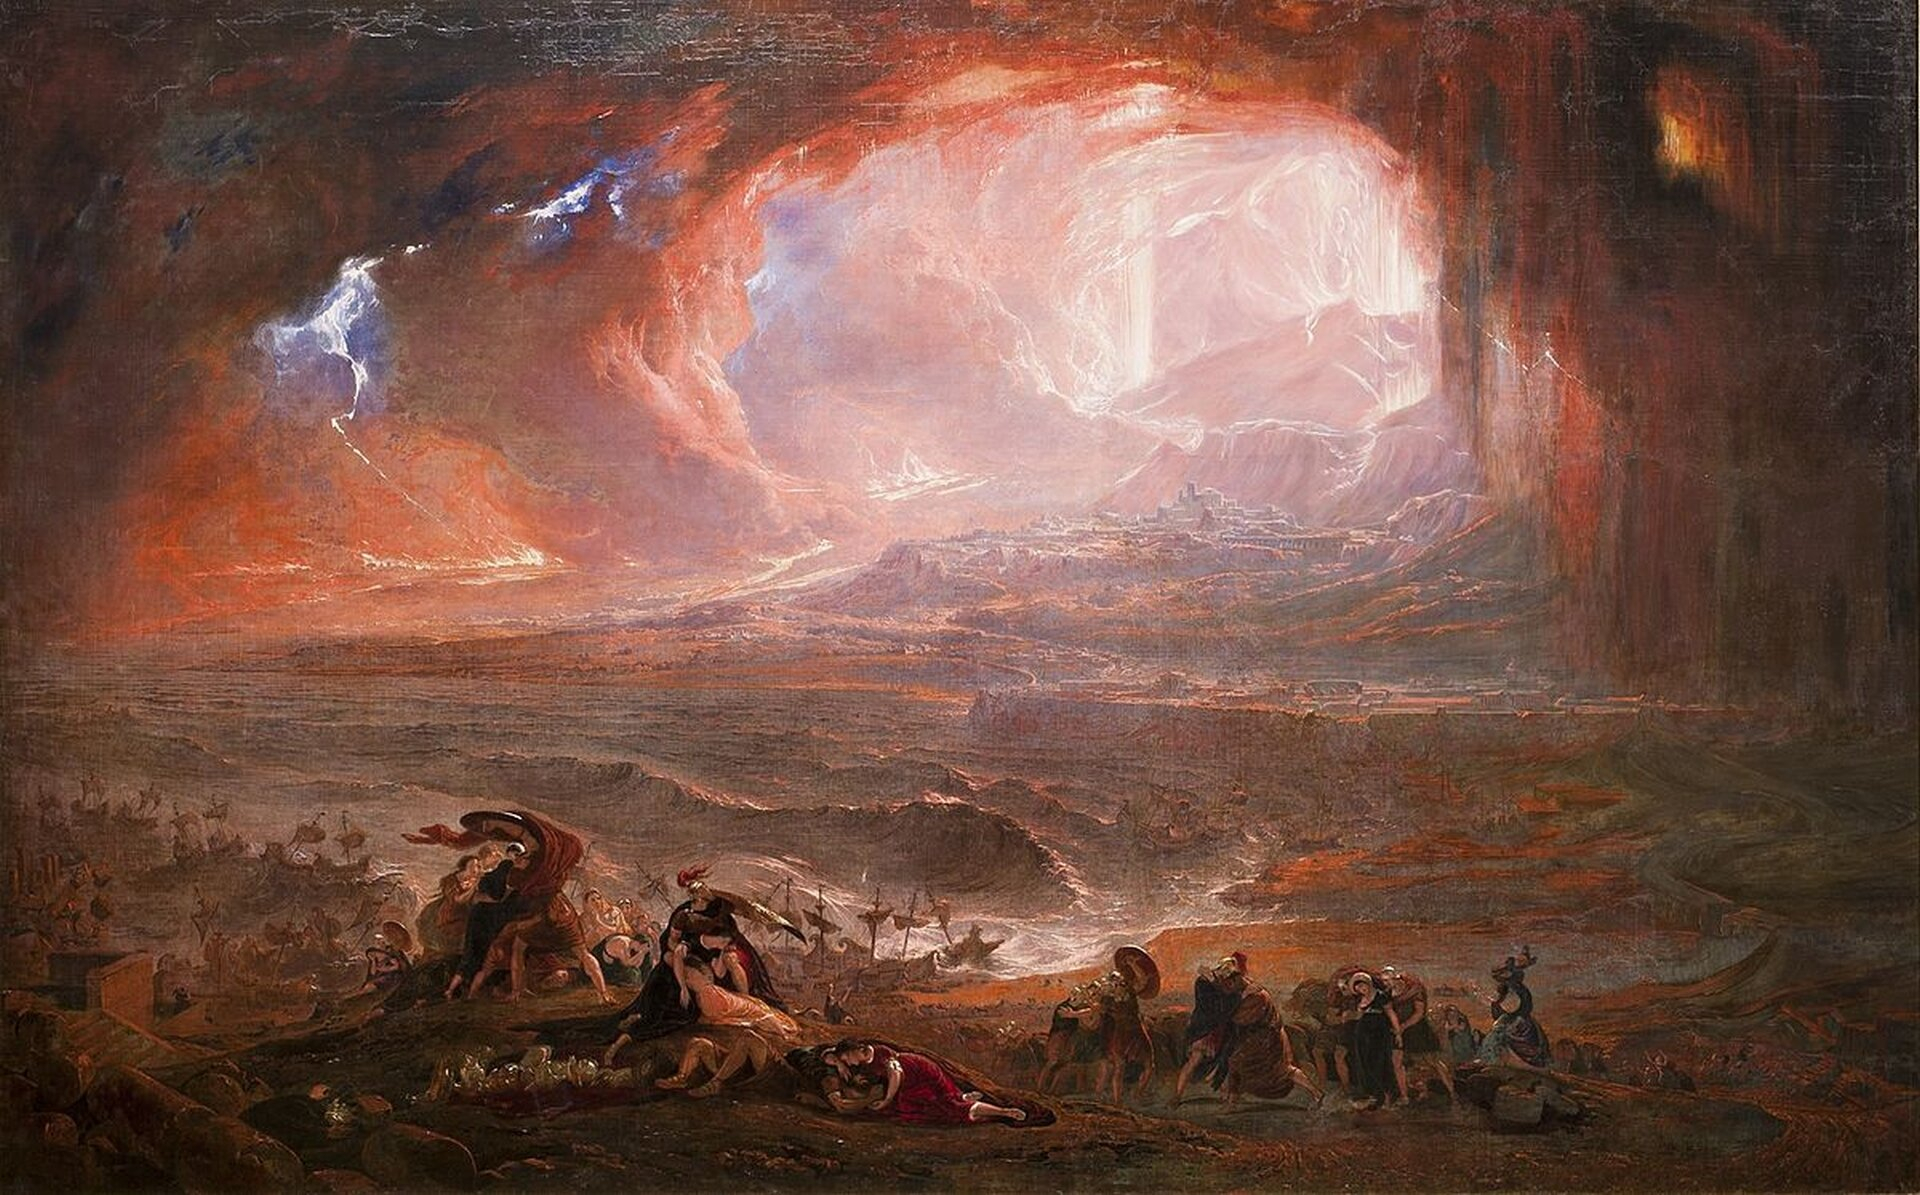 """Ilustracja przedstawia dzieło Johna Martina """"Zniszczenie Pompejów iHerculaneum"""". Na obrazie ukazano wybuch Wezuwiusza. Wcentrum obrazu olbrzymie ogniste chmury rozpościerają się nad ciemnym wzburzonym morzem. Na brzegu morza widoczne są małe, targane falami statki. Na pierwszym planie znajduje się grupa przerażonych ludzi."""